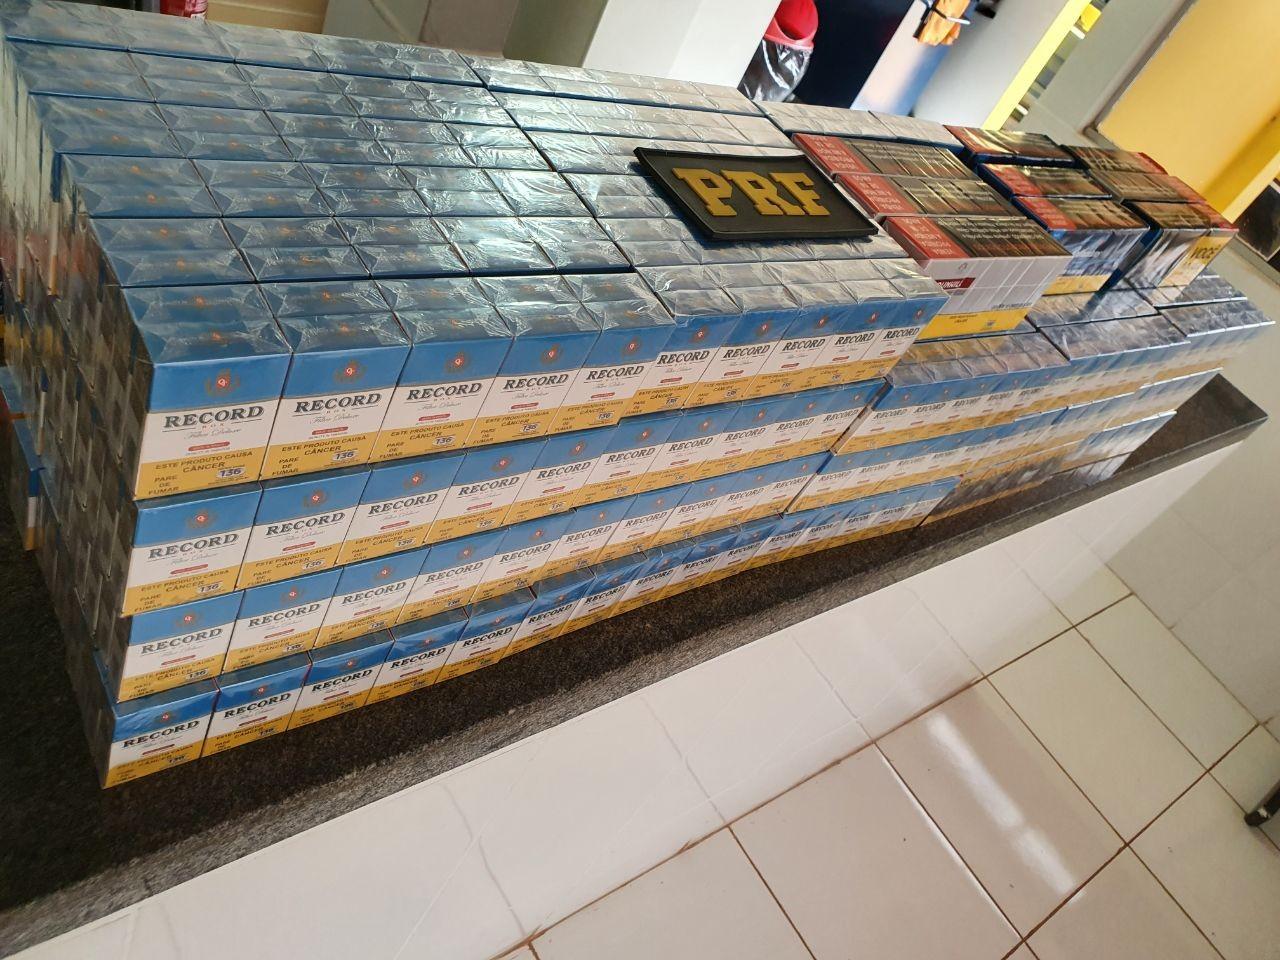 Mais de 1,1 mil maços de cigarros contrabandeados do Paraguai são apreendidos pela PRF em fiscalização